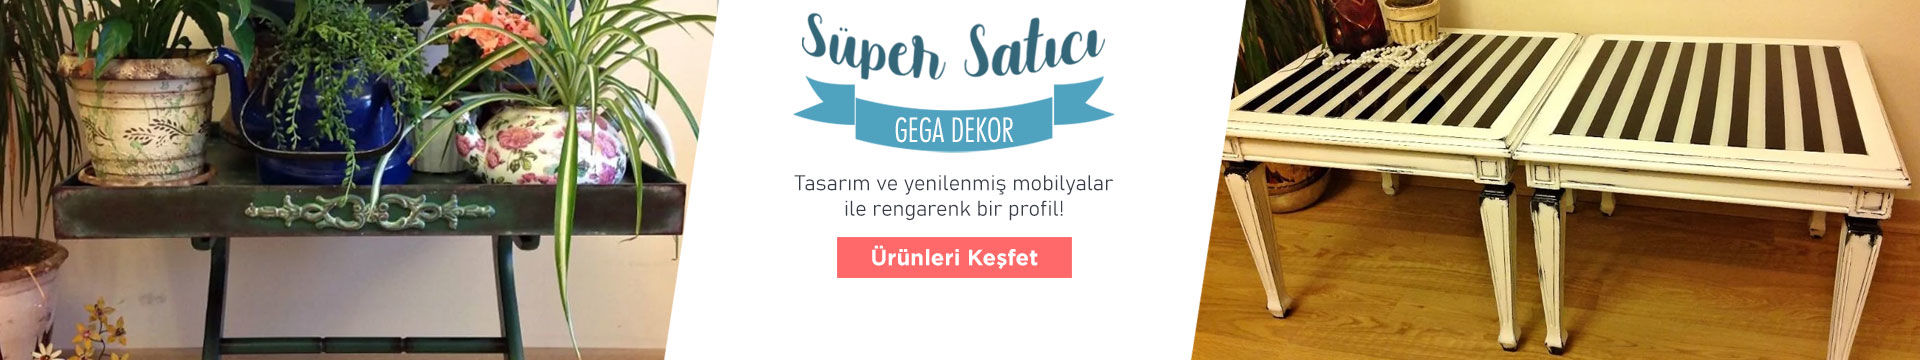 Süper Satıcı